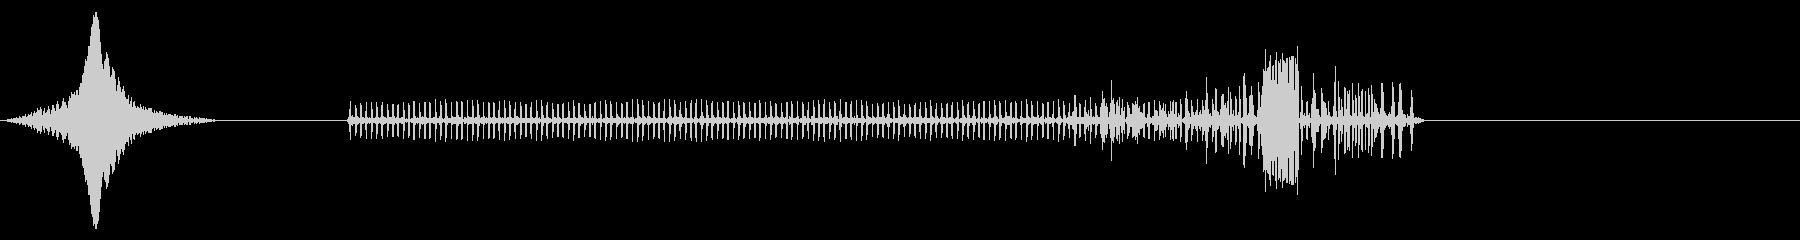 電源出力タイプ2 X2の未再生の波形